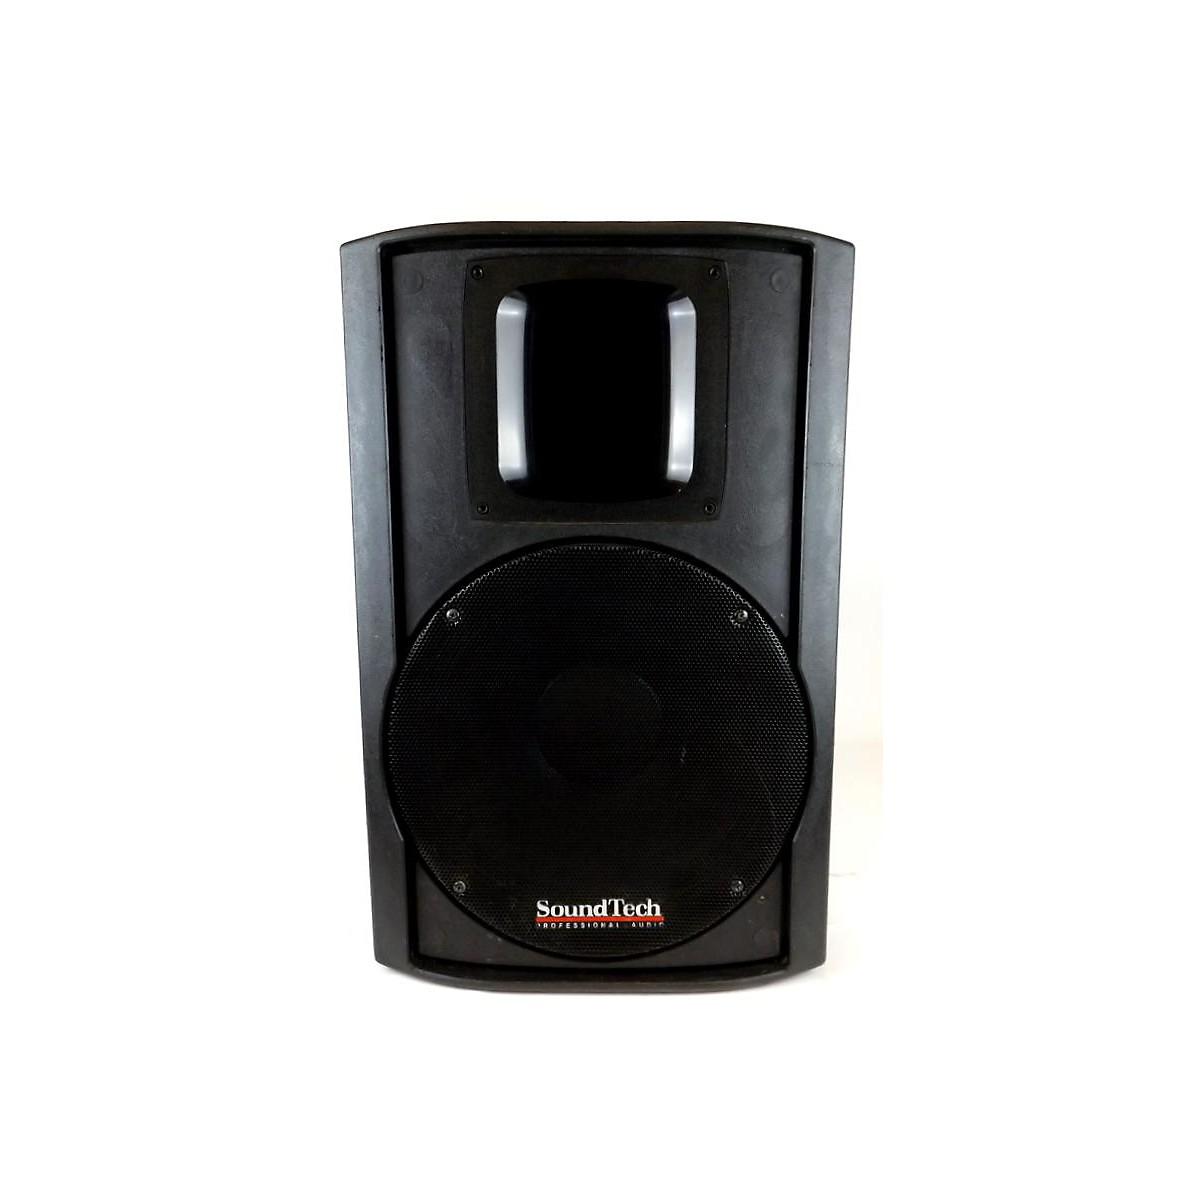 SoundTech Revo SR-15SUBP Powered Speaker